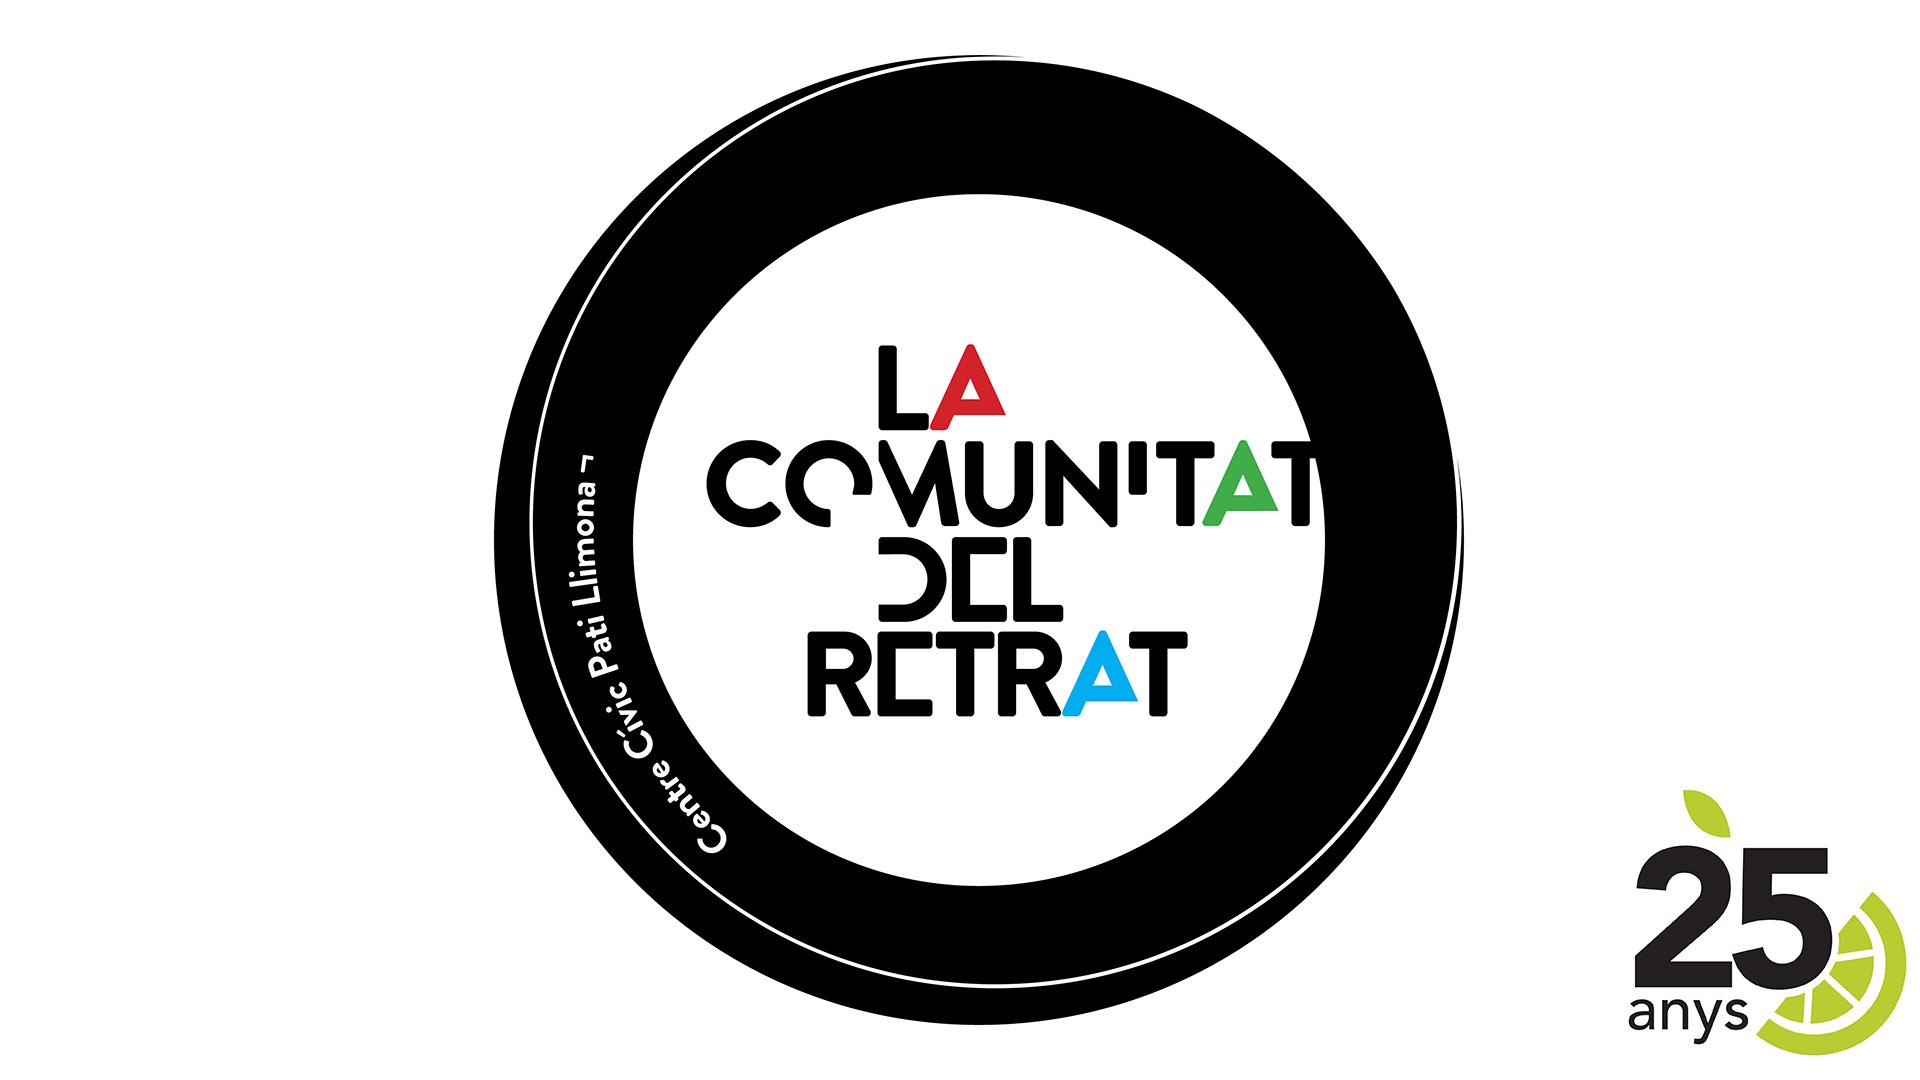 Logotip de la Comunitat del Retrat del Centre Cívic Pati Llimona, en commeració el 25è aniversari